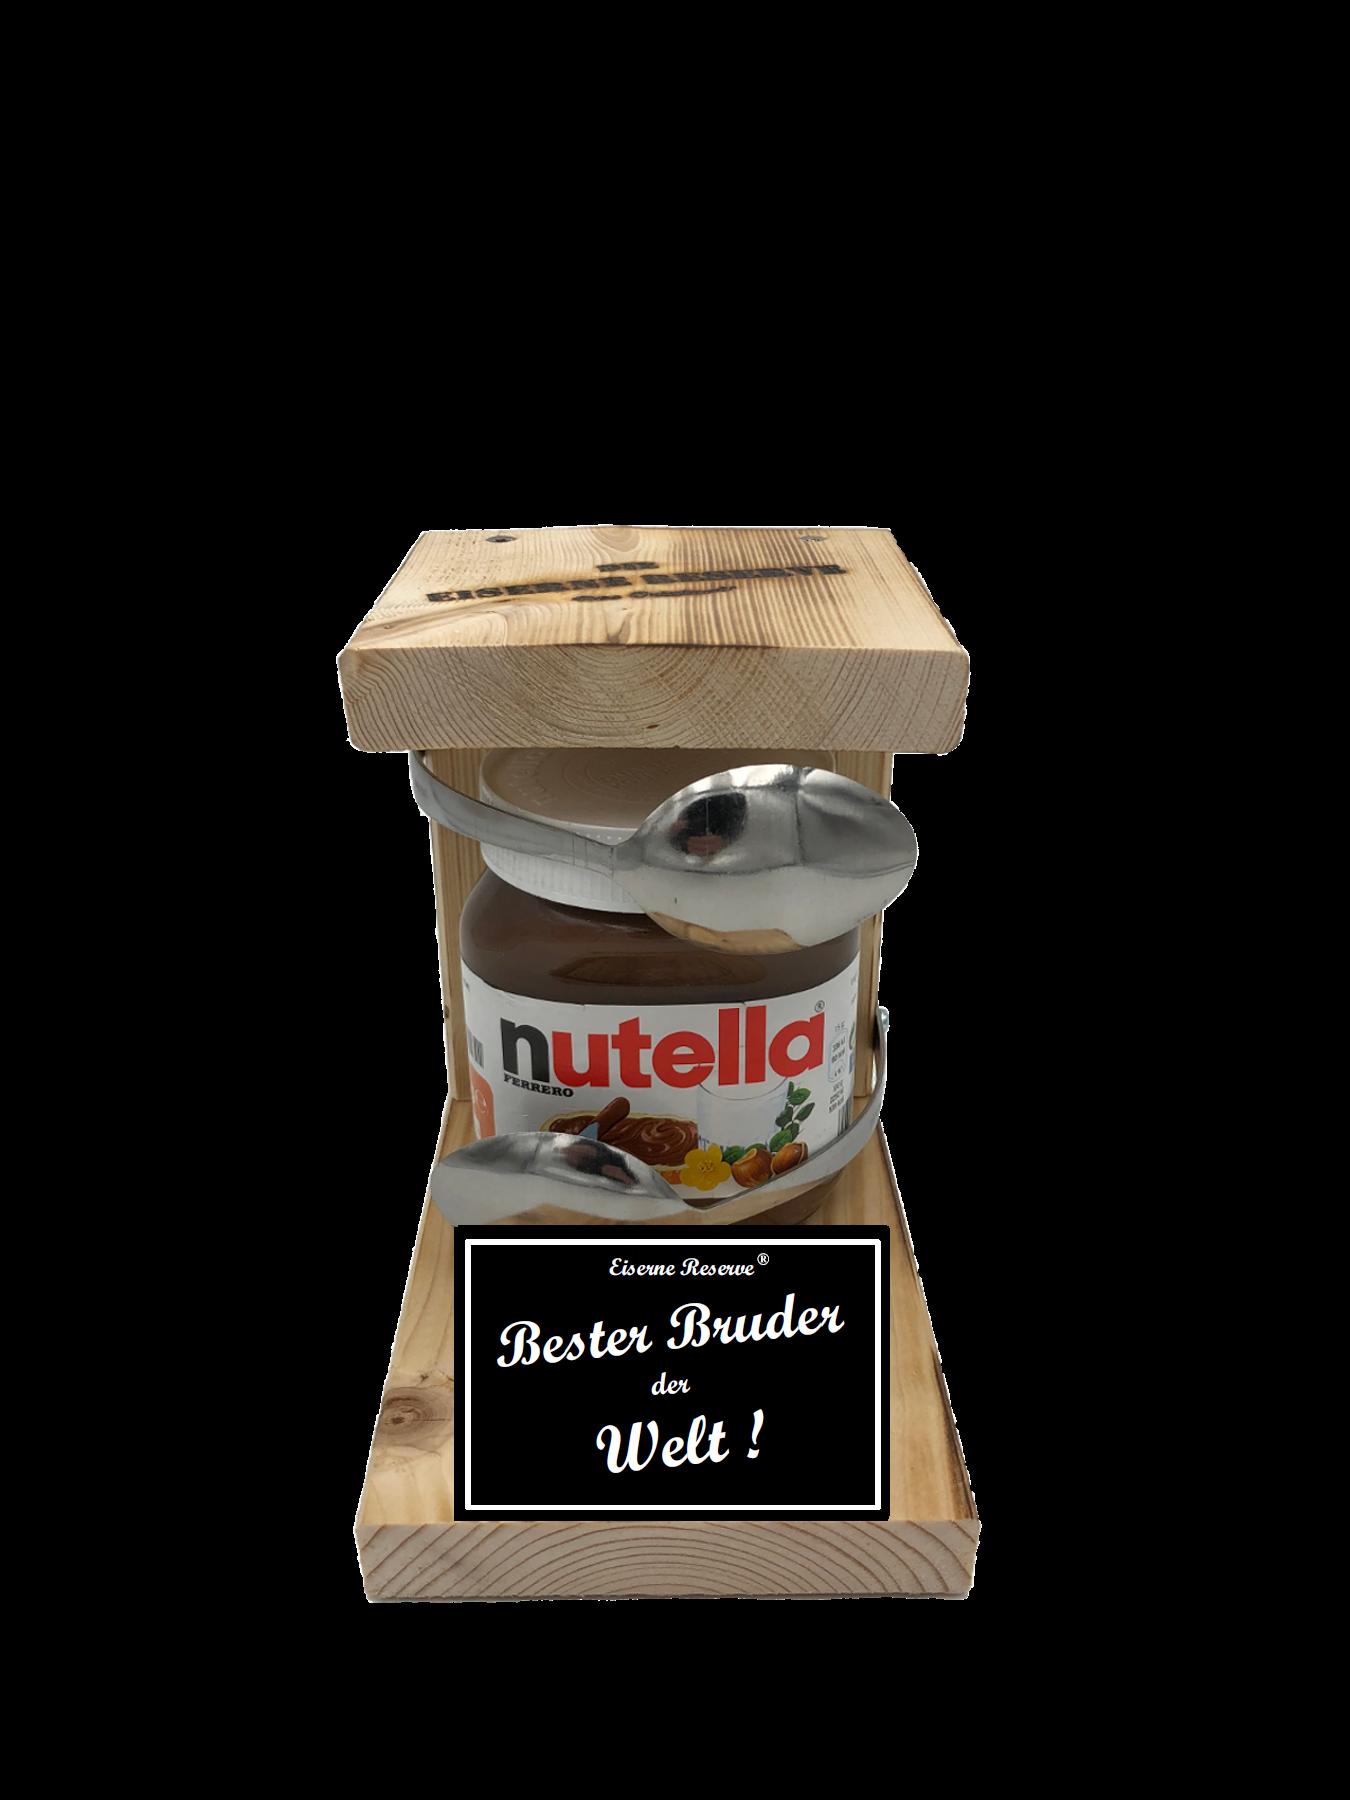 Bester Bruder der Welt Löffel Nutella Geschenk - Die Nutella Geschenkidee